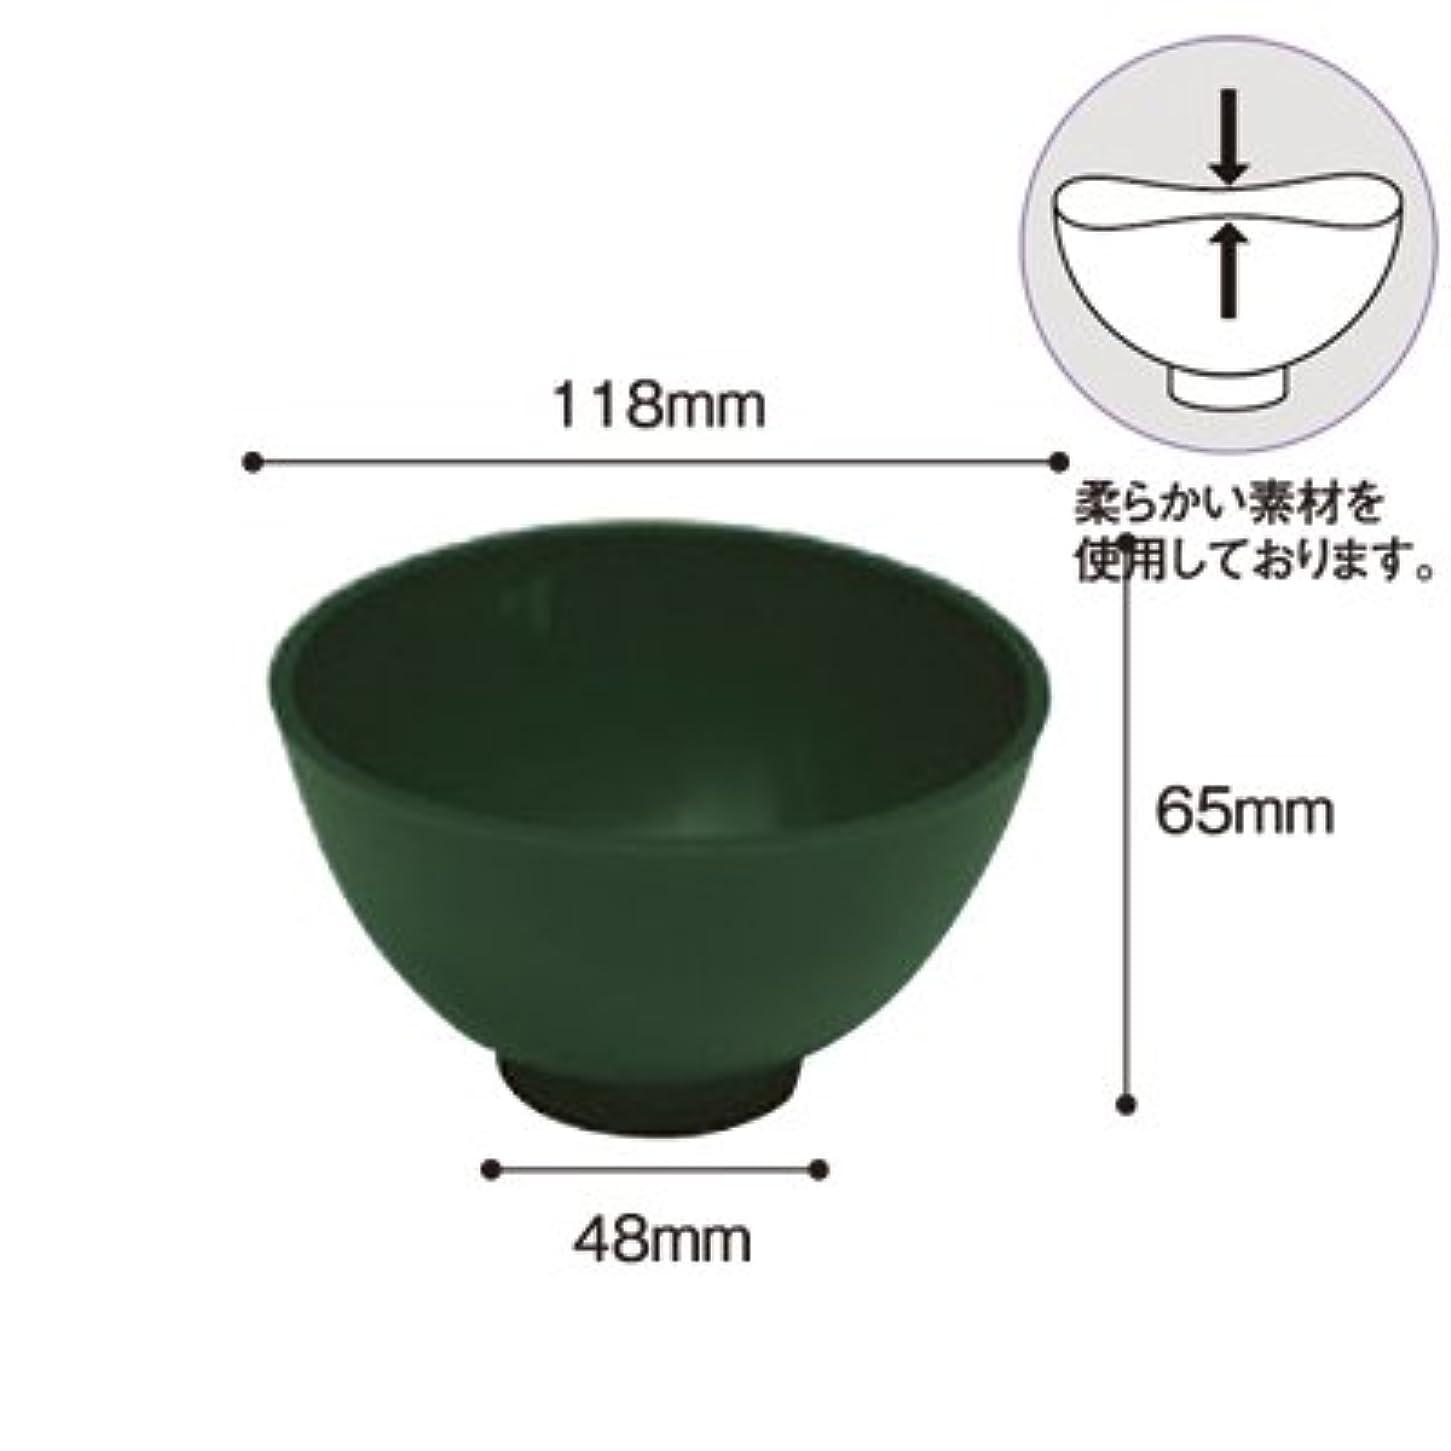 位置する引く開発(ロータス)LOTUS ラバーボウル エステ サロン 割れない カップ 歯科 Mサイズ (直径:127mm)グリーン